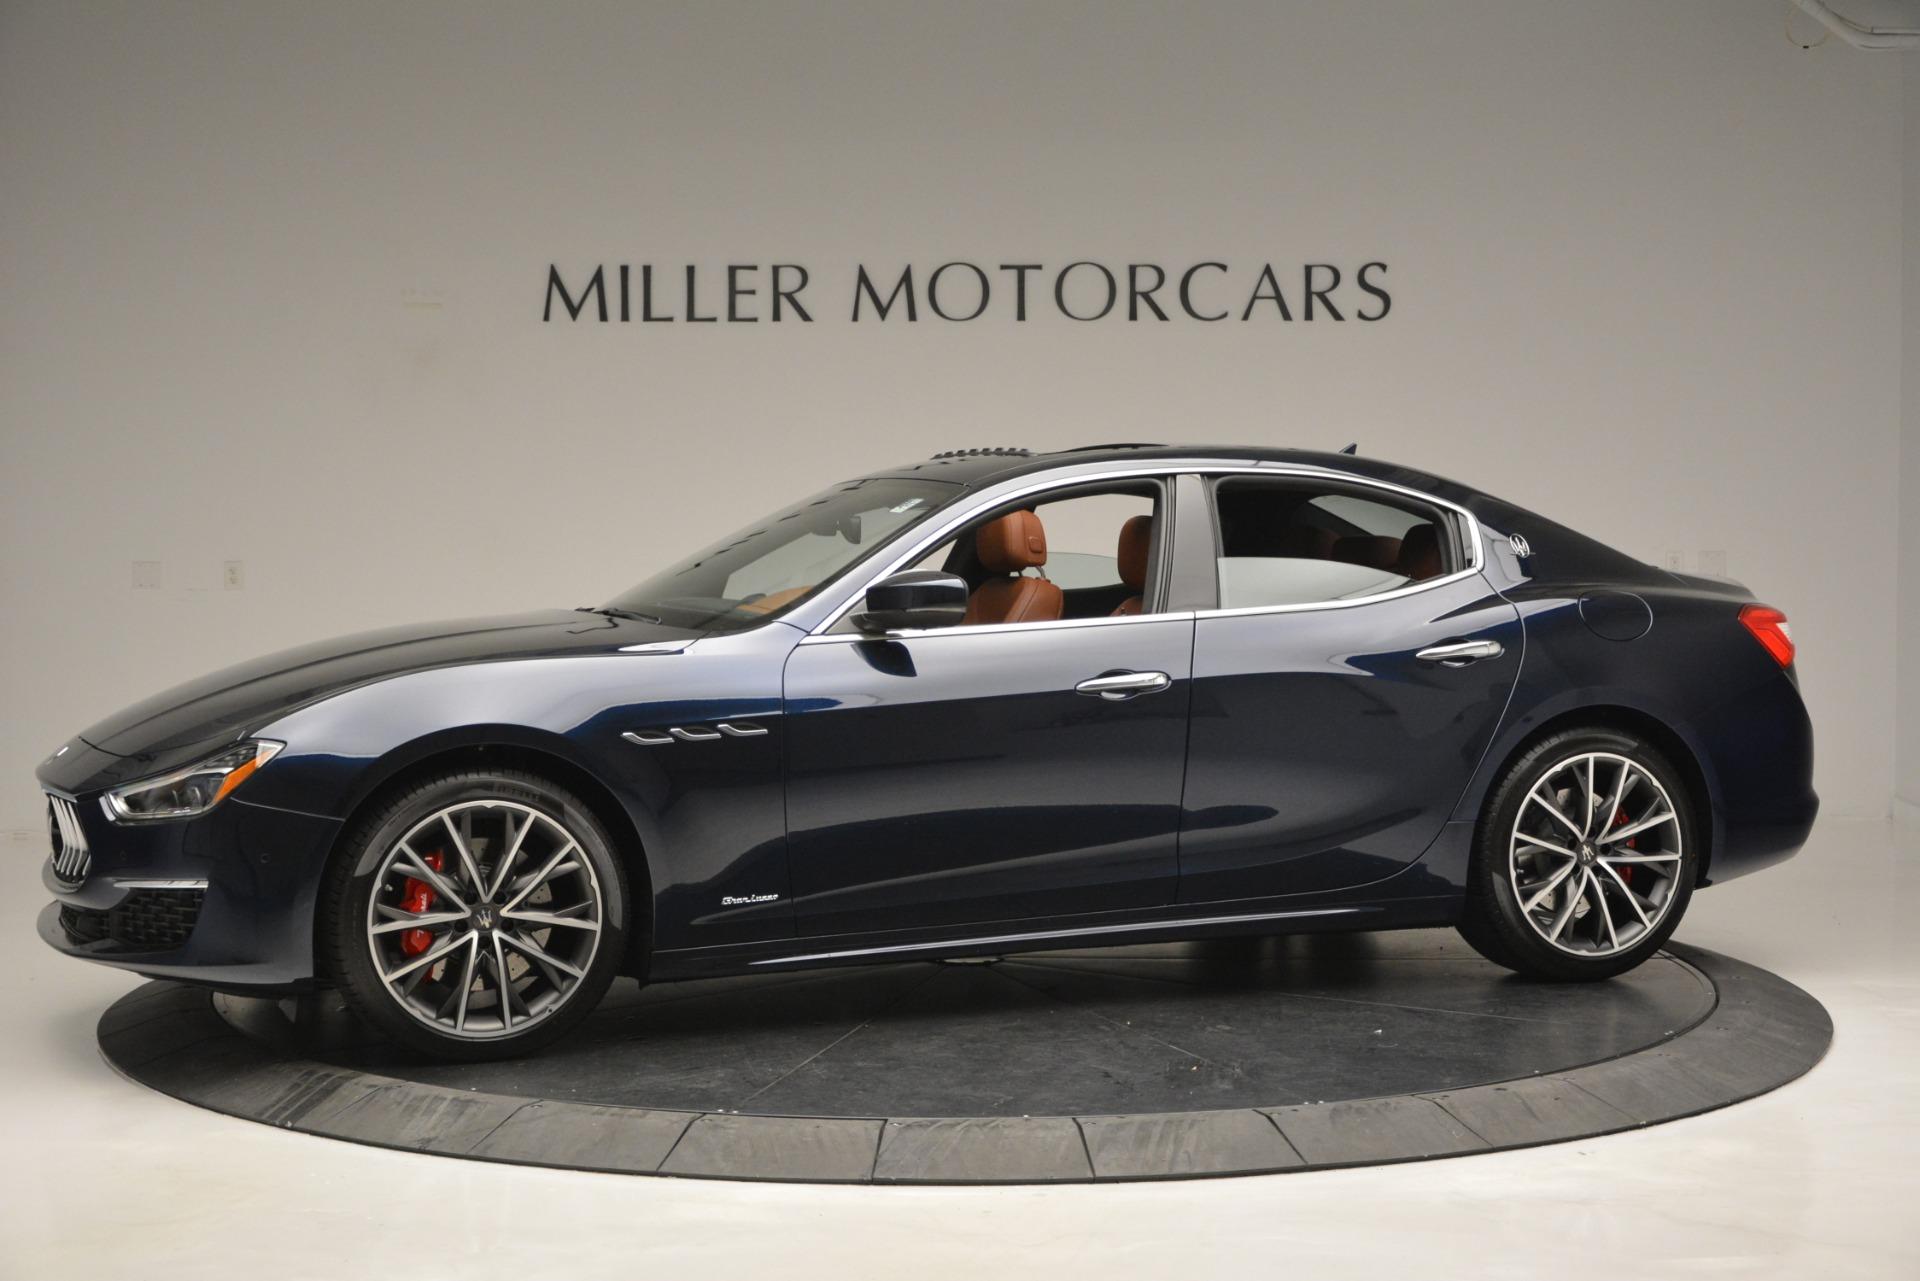 New 2019 Maserati Ghibli S Q4 GranLusso For Sale In Greenwich, CT 2882_p3